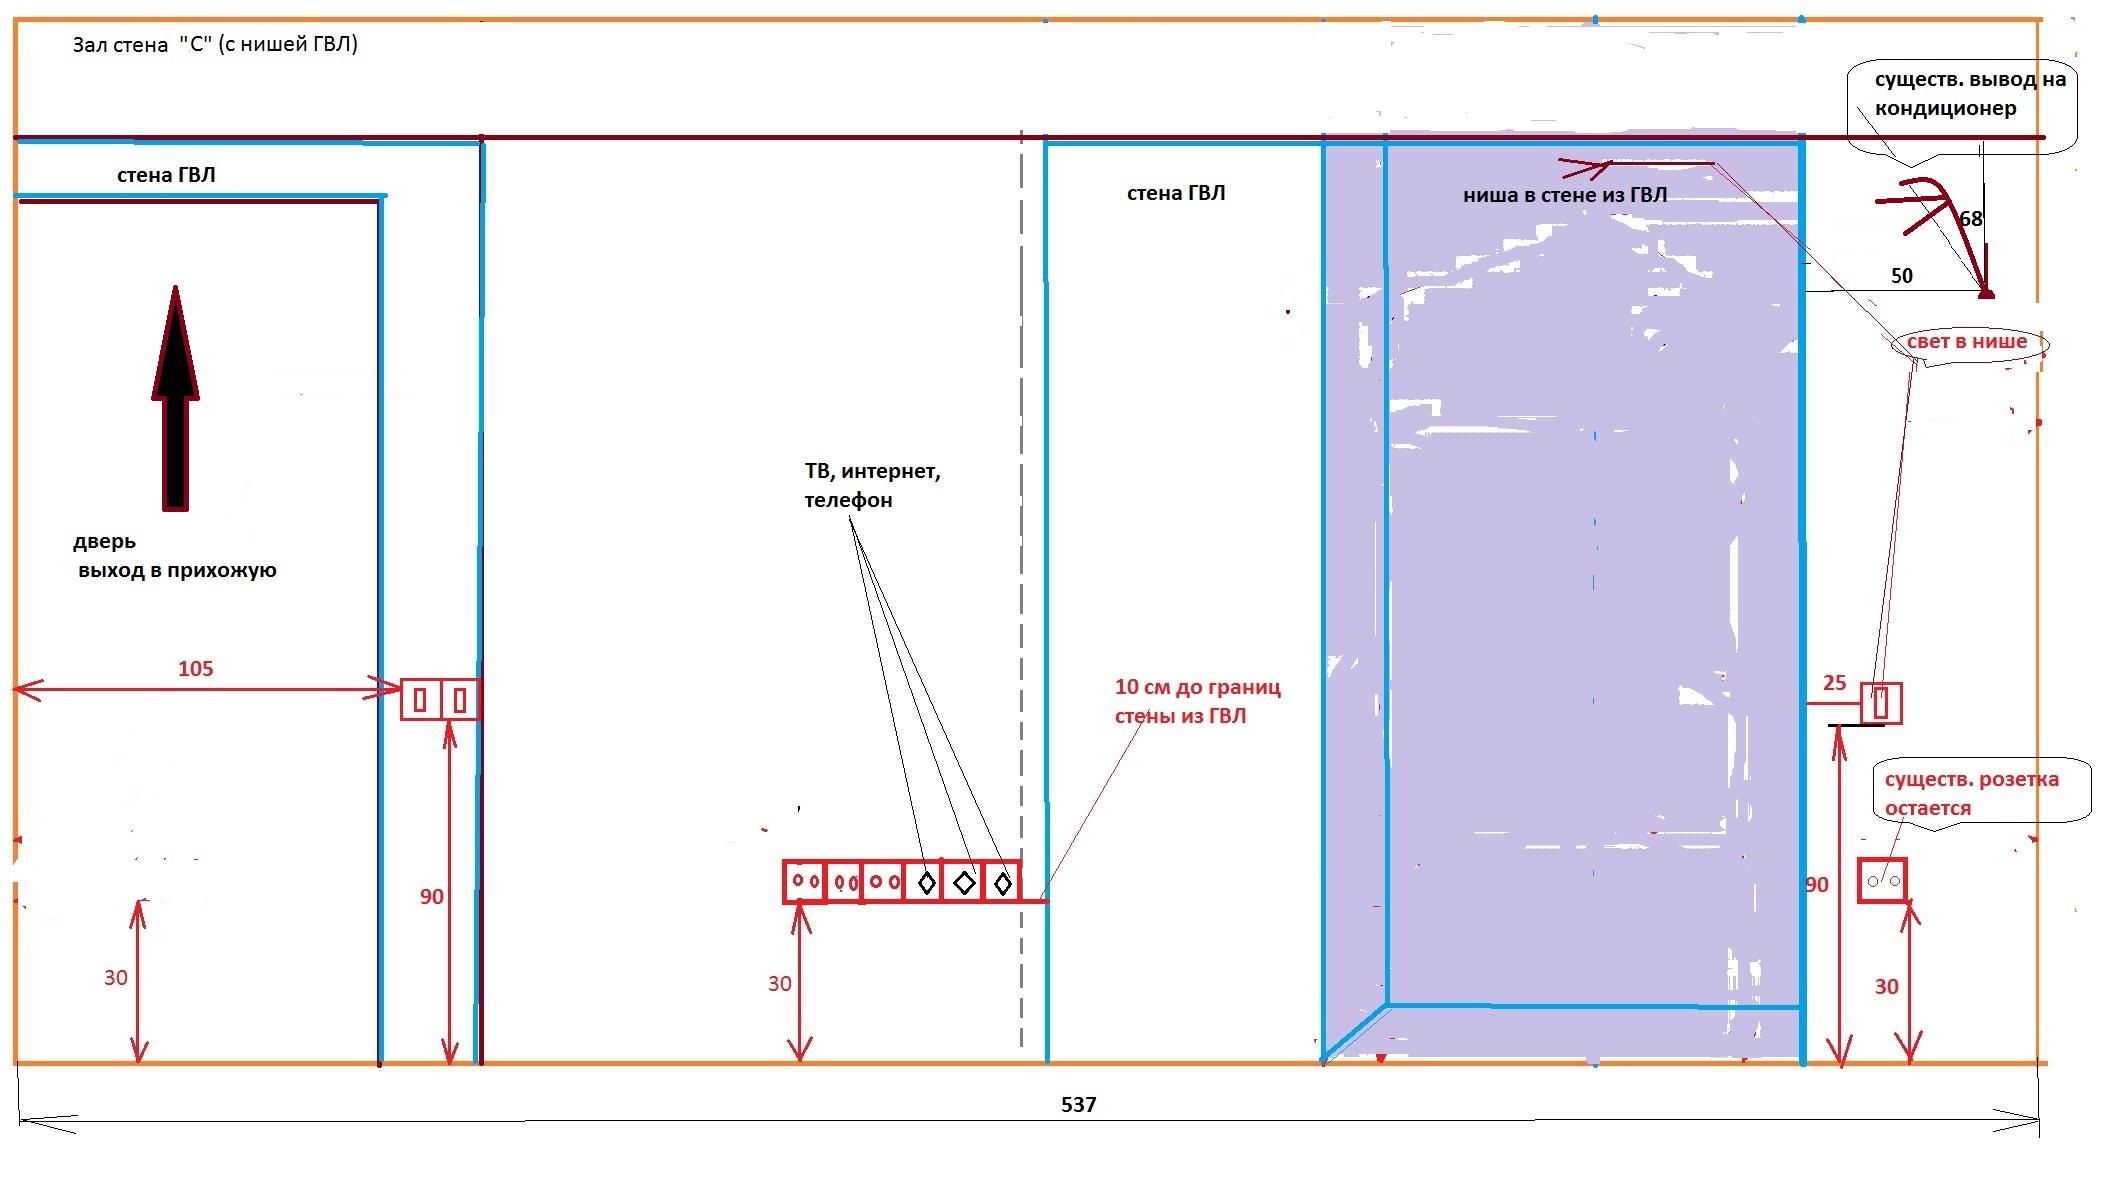 Схема расположения розеток в зале С